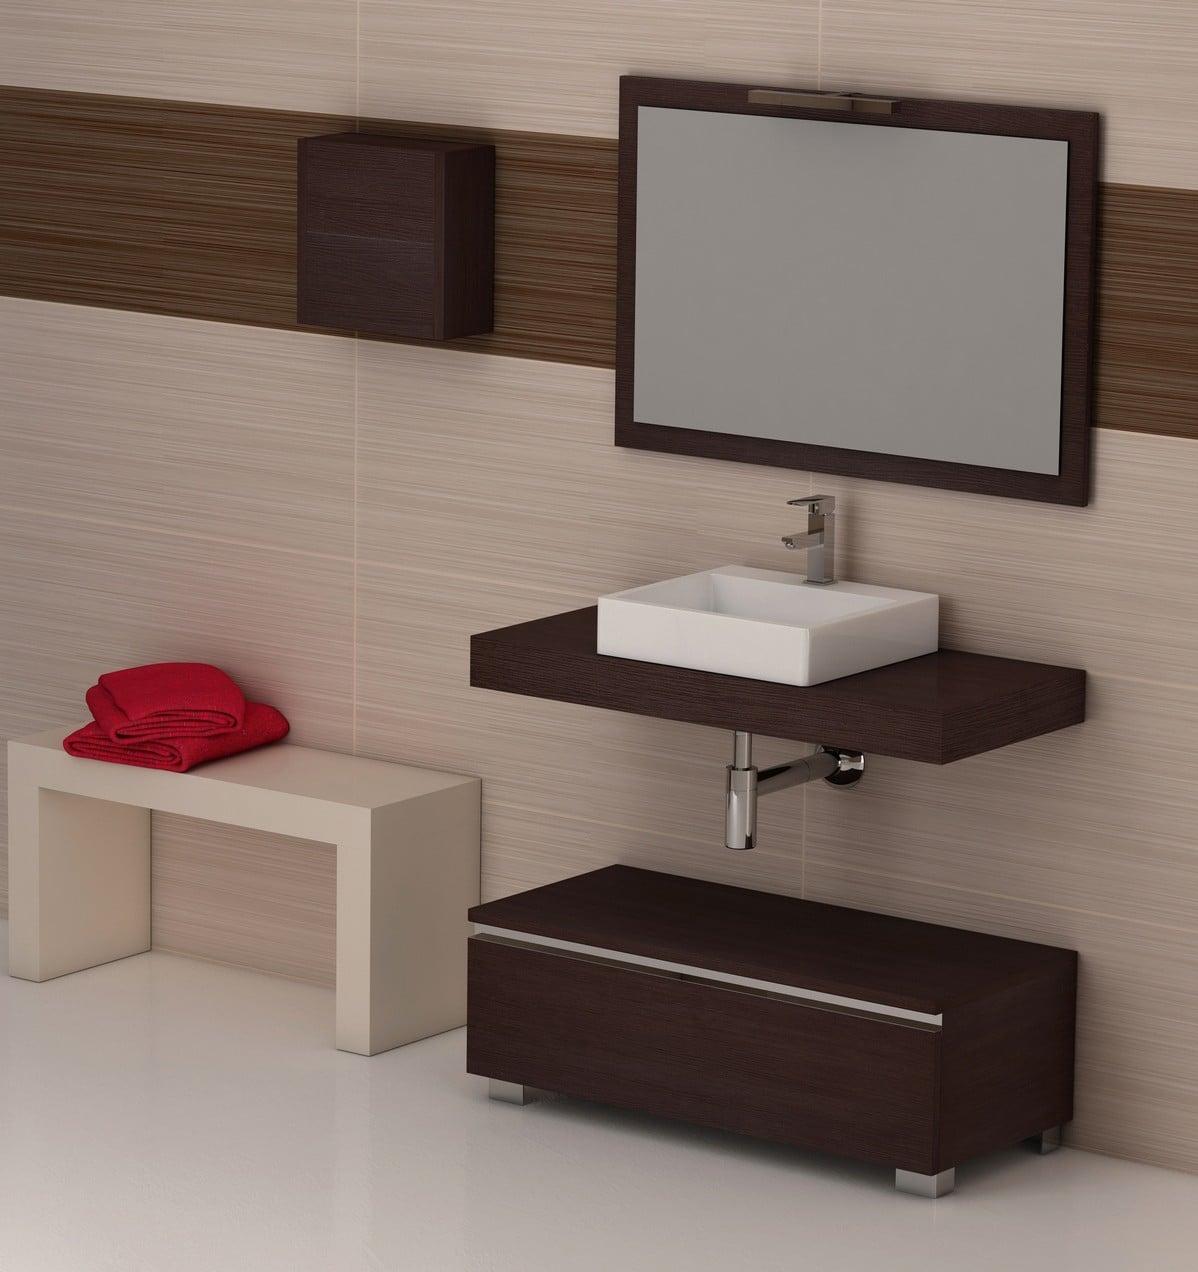 combinado con una repisa inferior con cestas o con cajones siempre hay quien prefiere este clsico de lavabo en encimera de madera